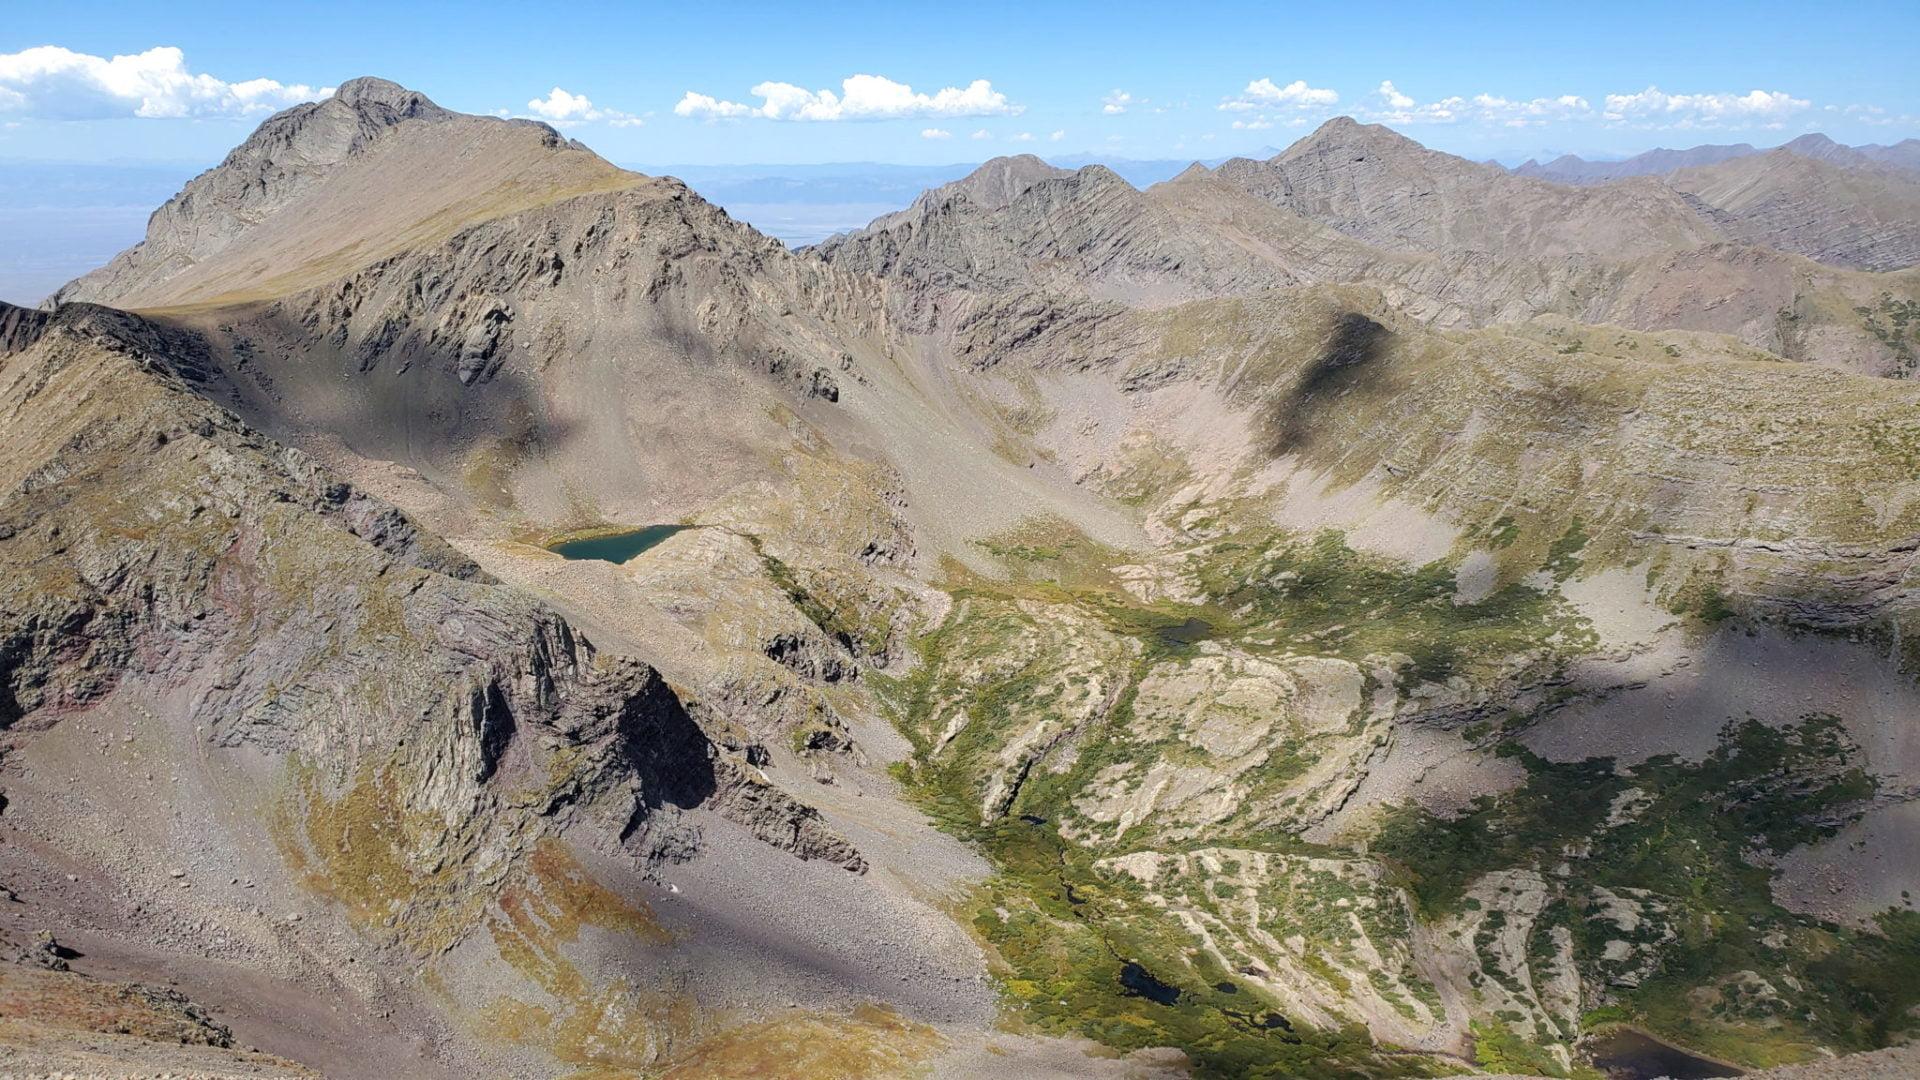 Massive peaks